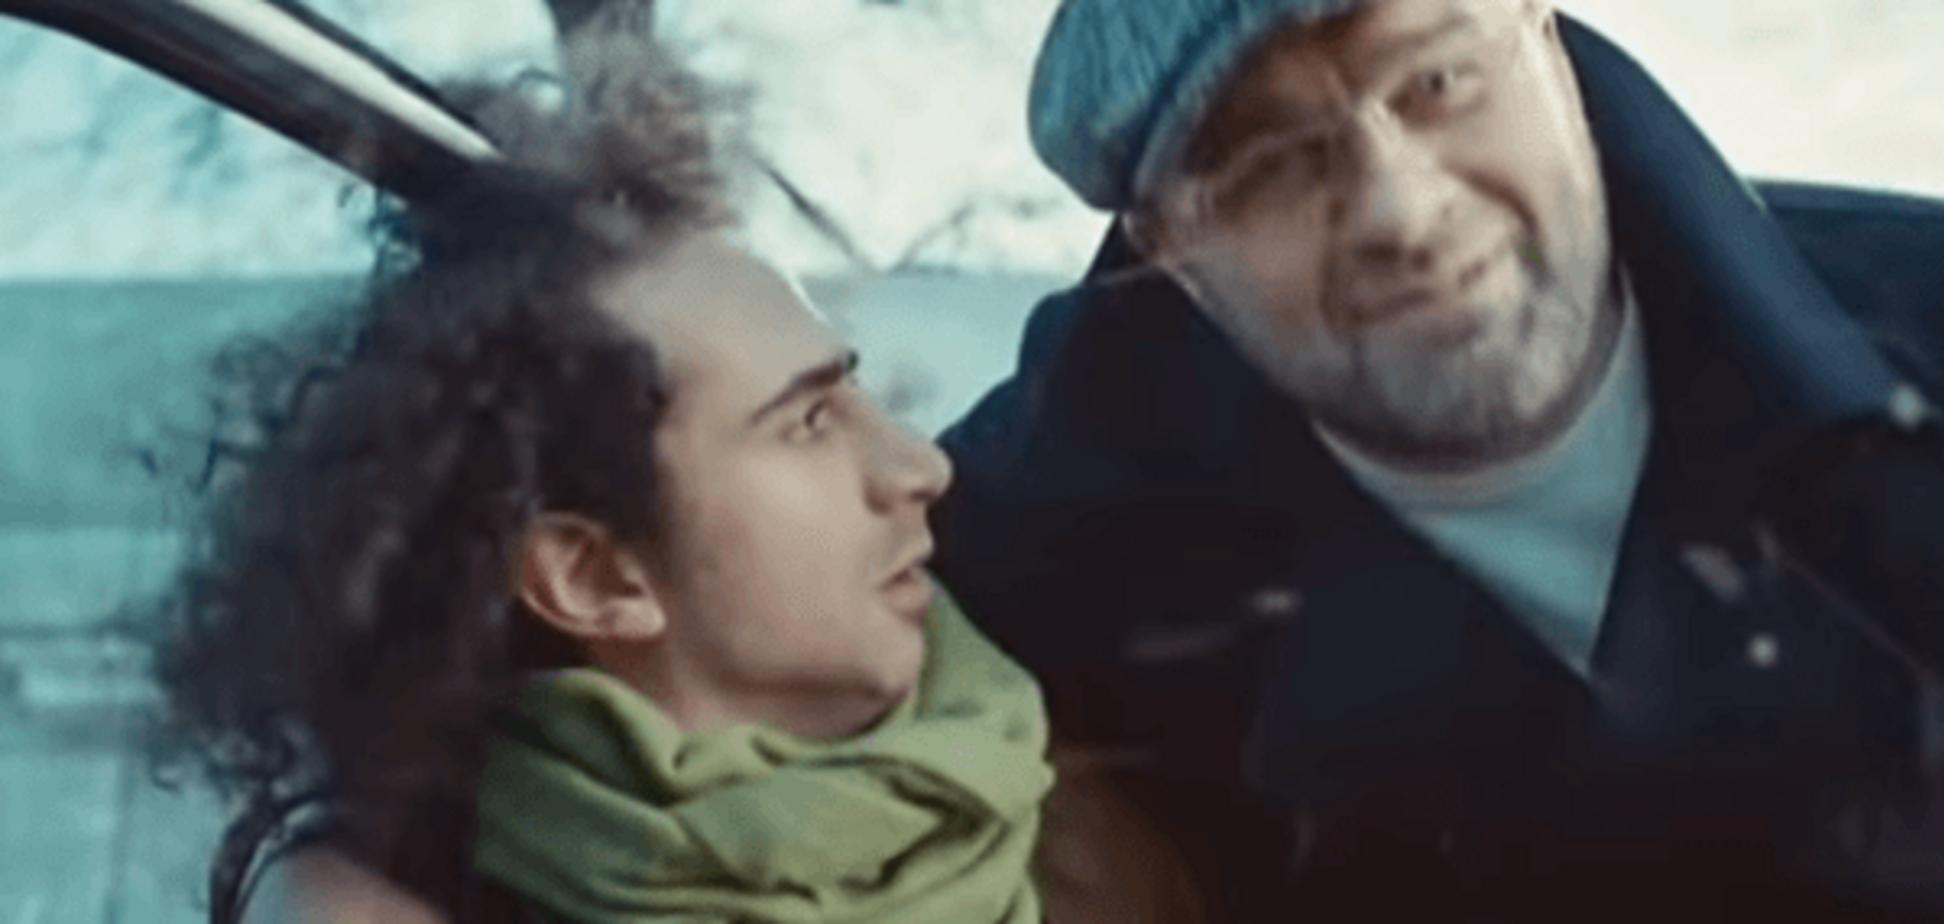 Пореченкова пристыдили в альтернативной рекламе 'Актимель'